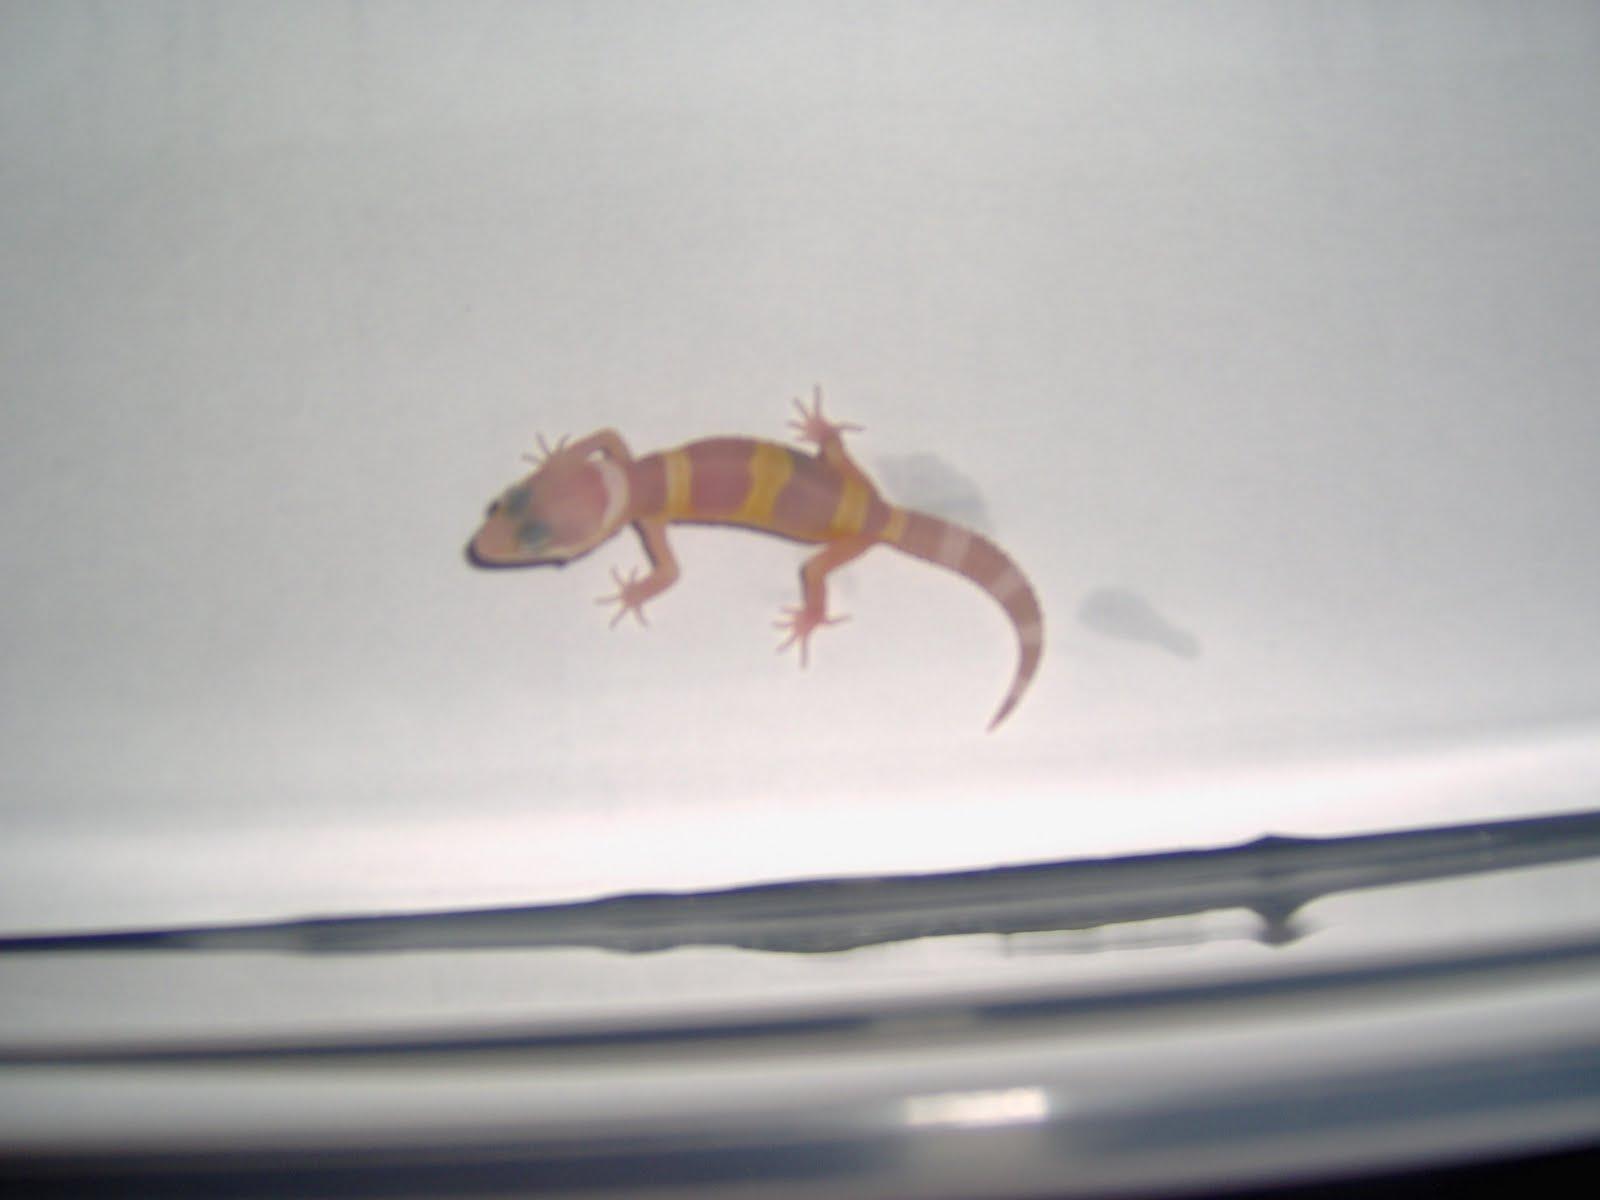 Baby midnight blizzard leopard gecko - photo#14